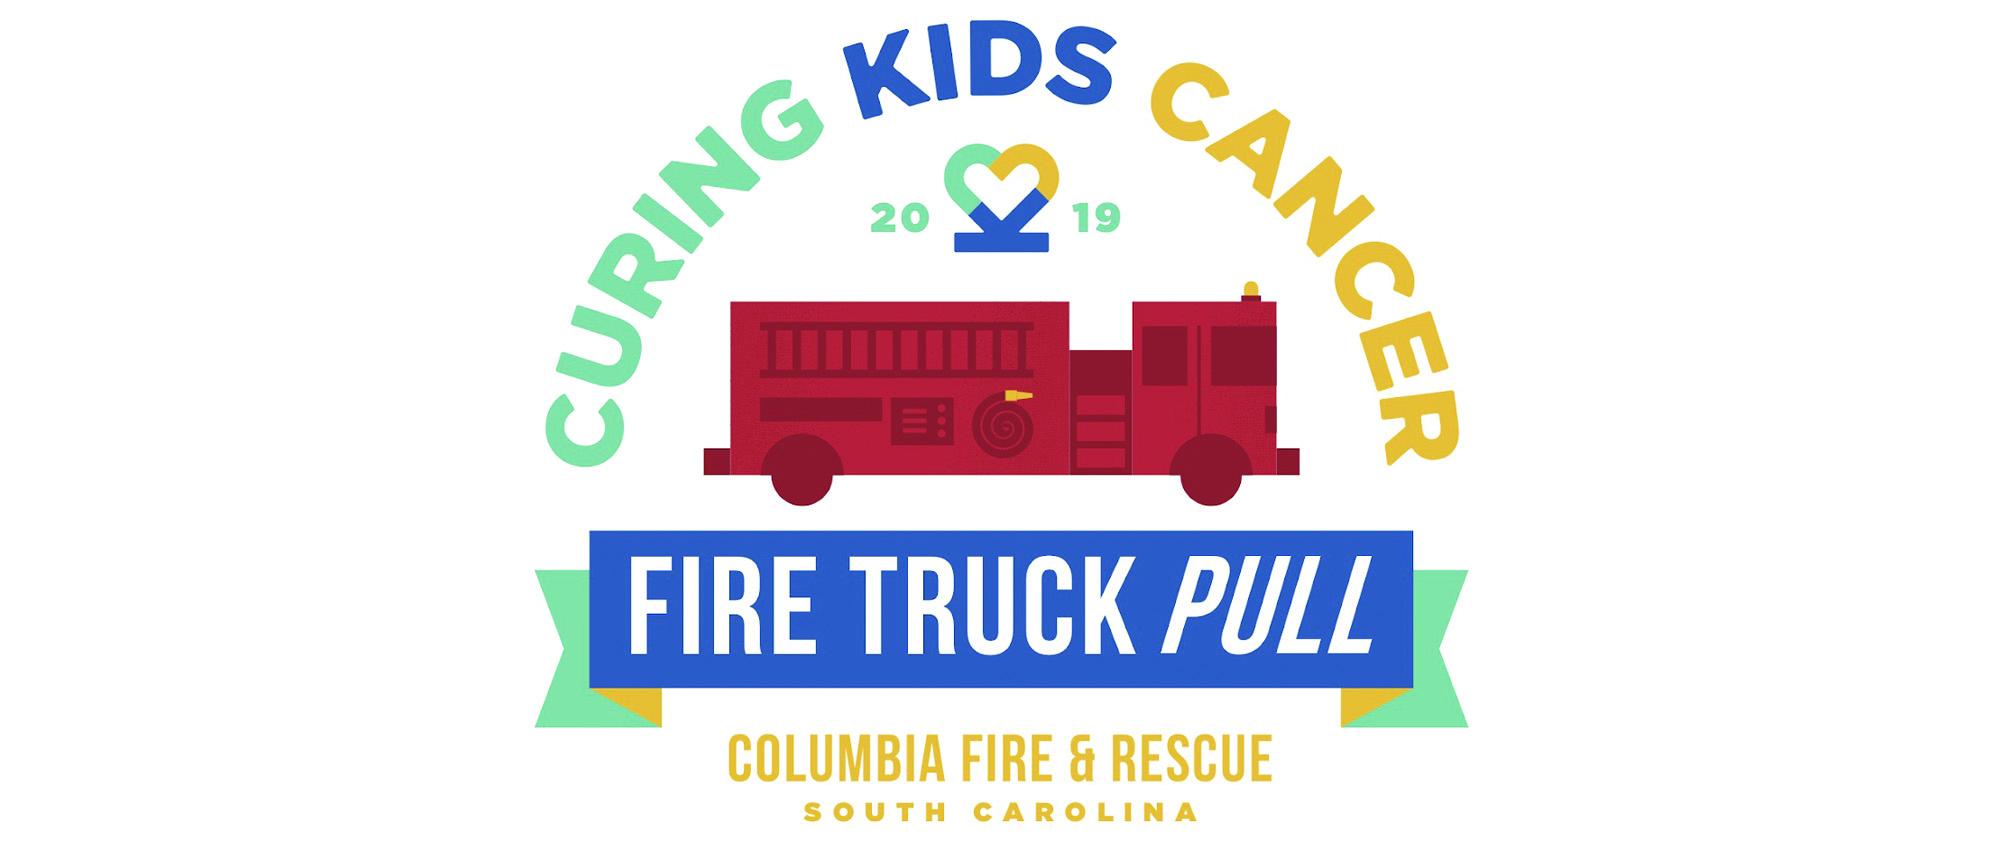 CKC Firetruck Pull.jpg